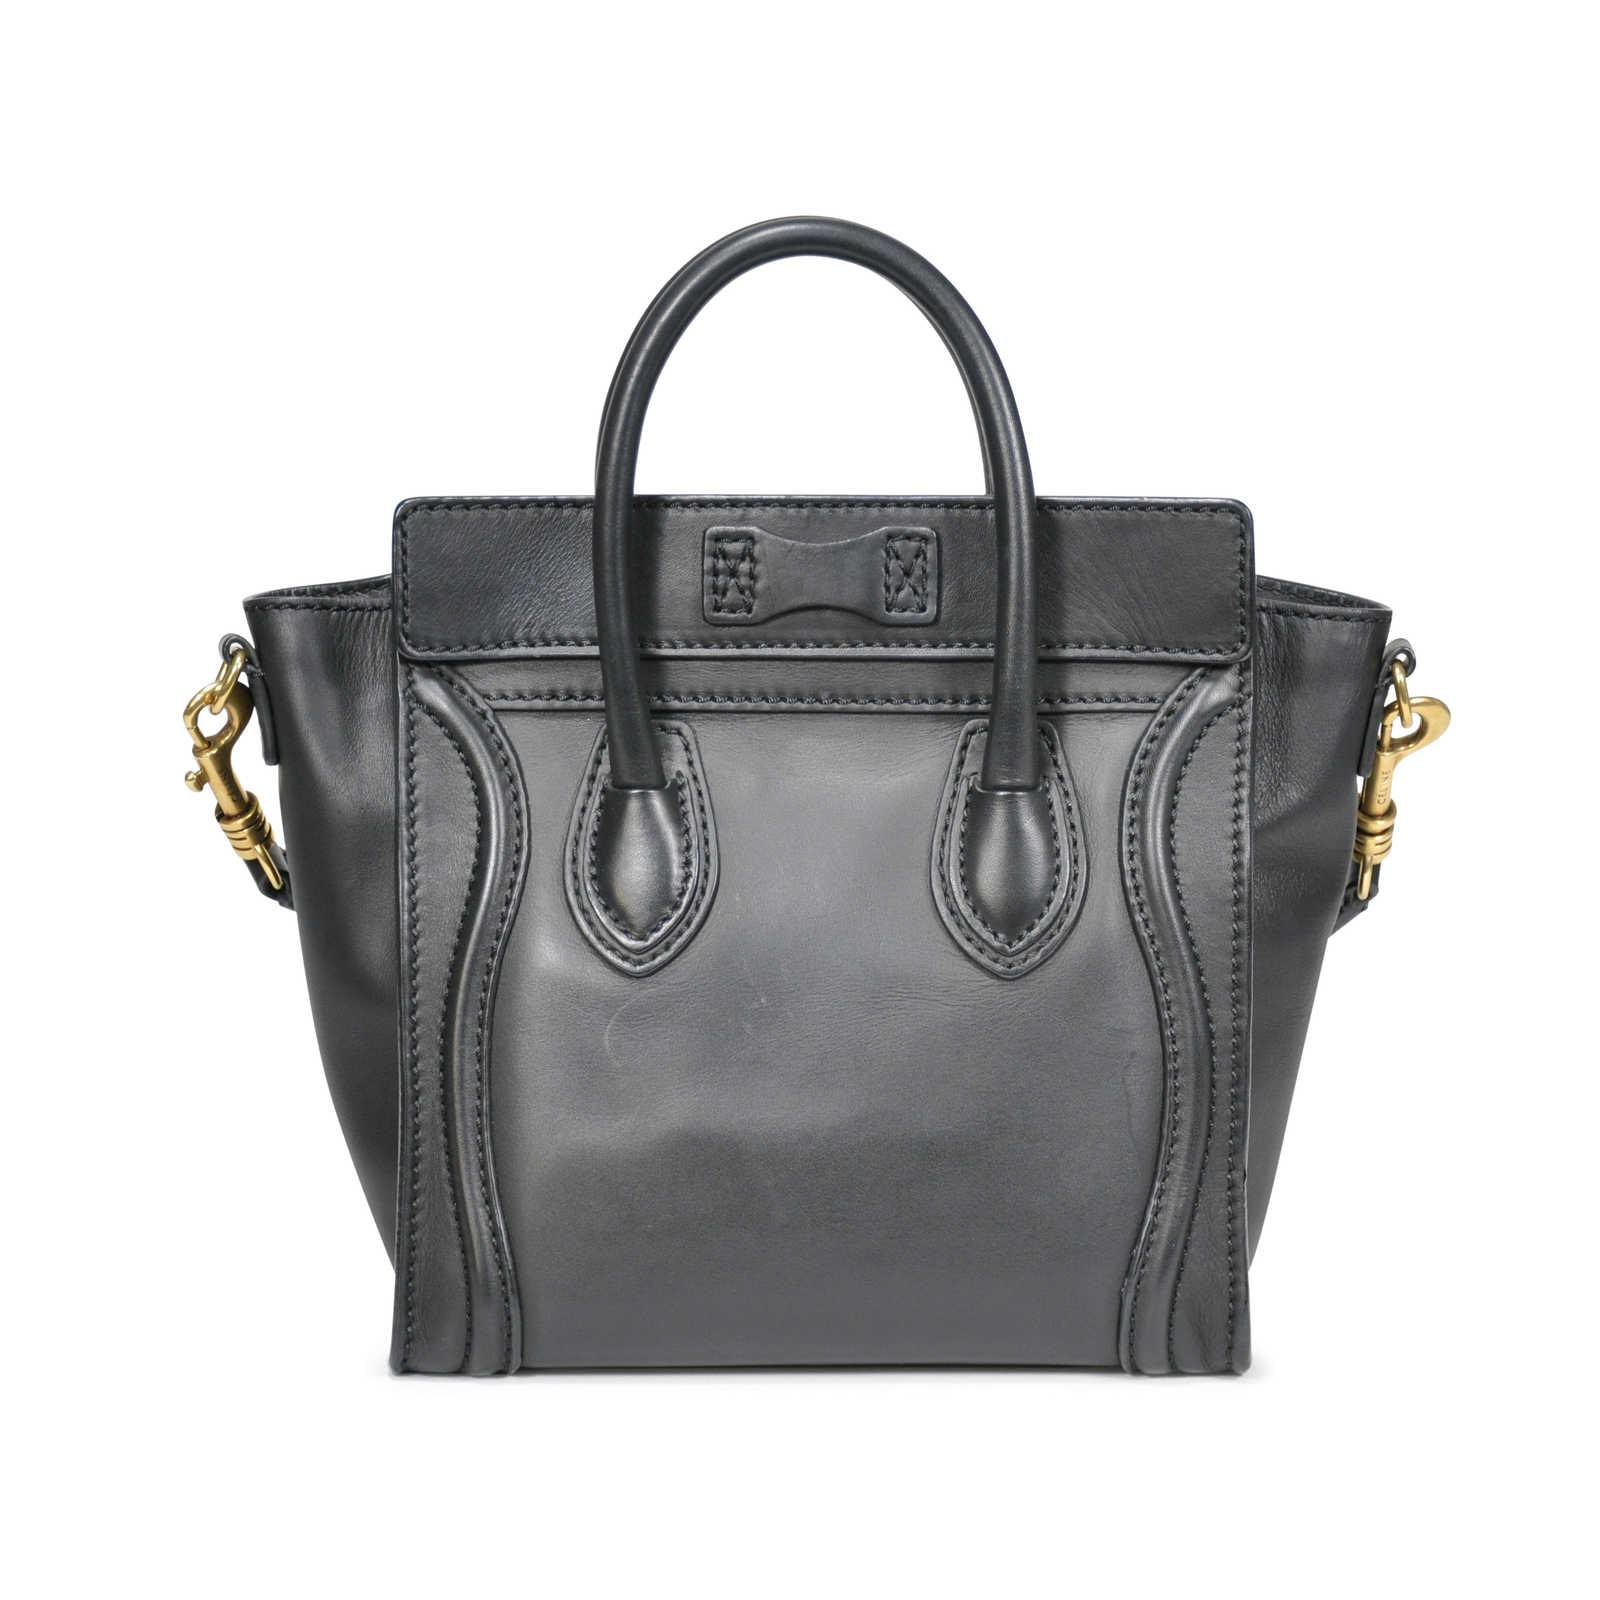 ... Authentic Second Hand Céline Nano Luggage Bag (PSS-183-00038) -  Thumbnail ... 30fa6da4ffae5